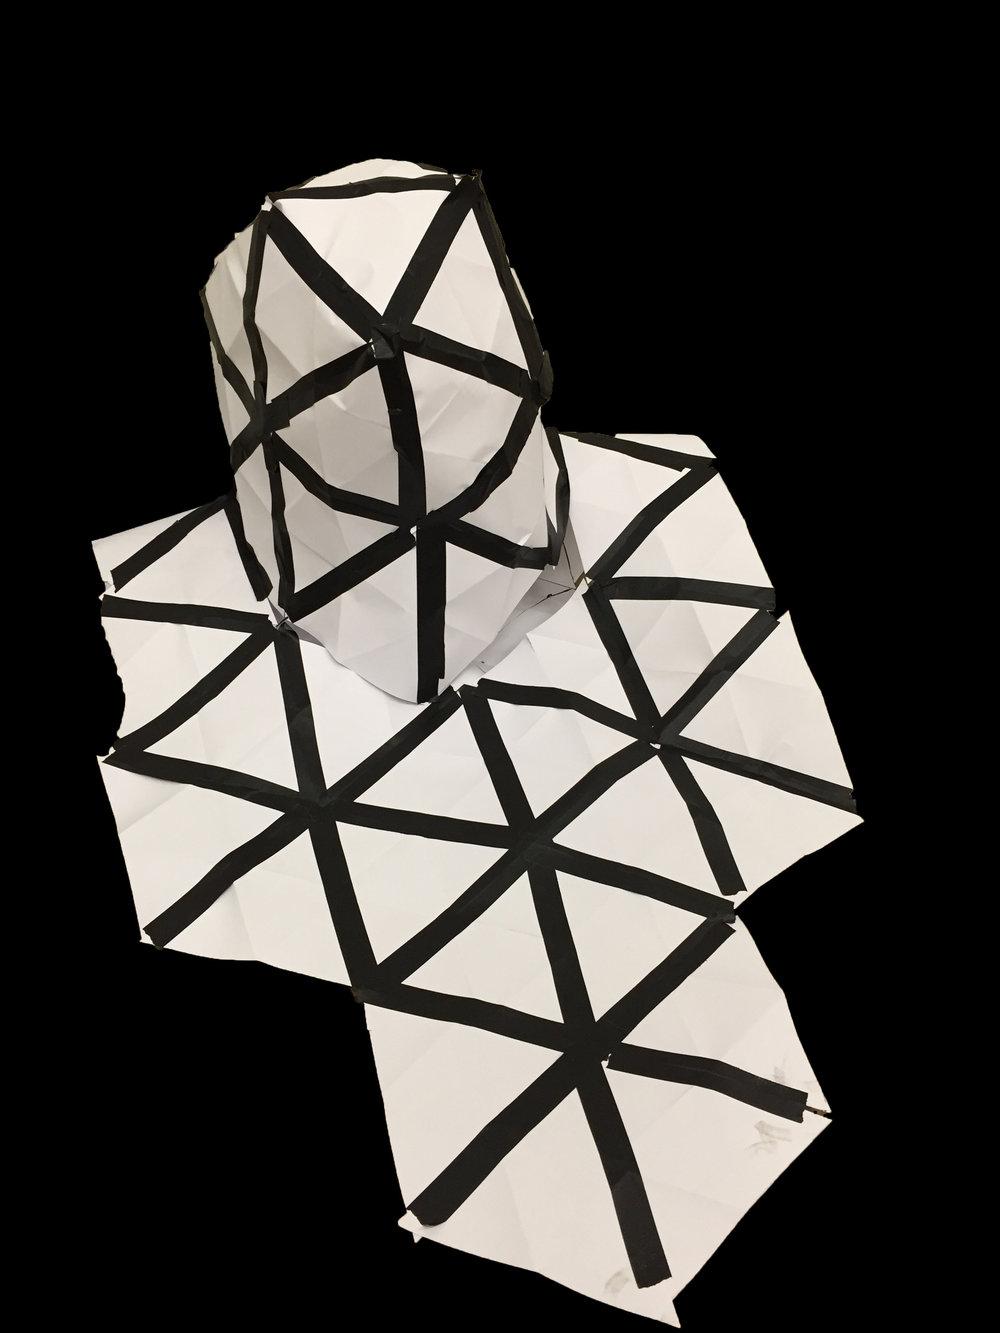 Paper protoype